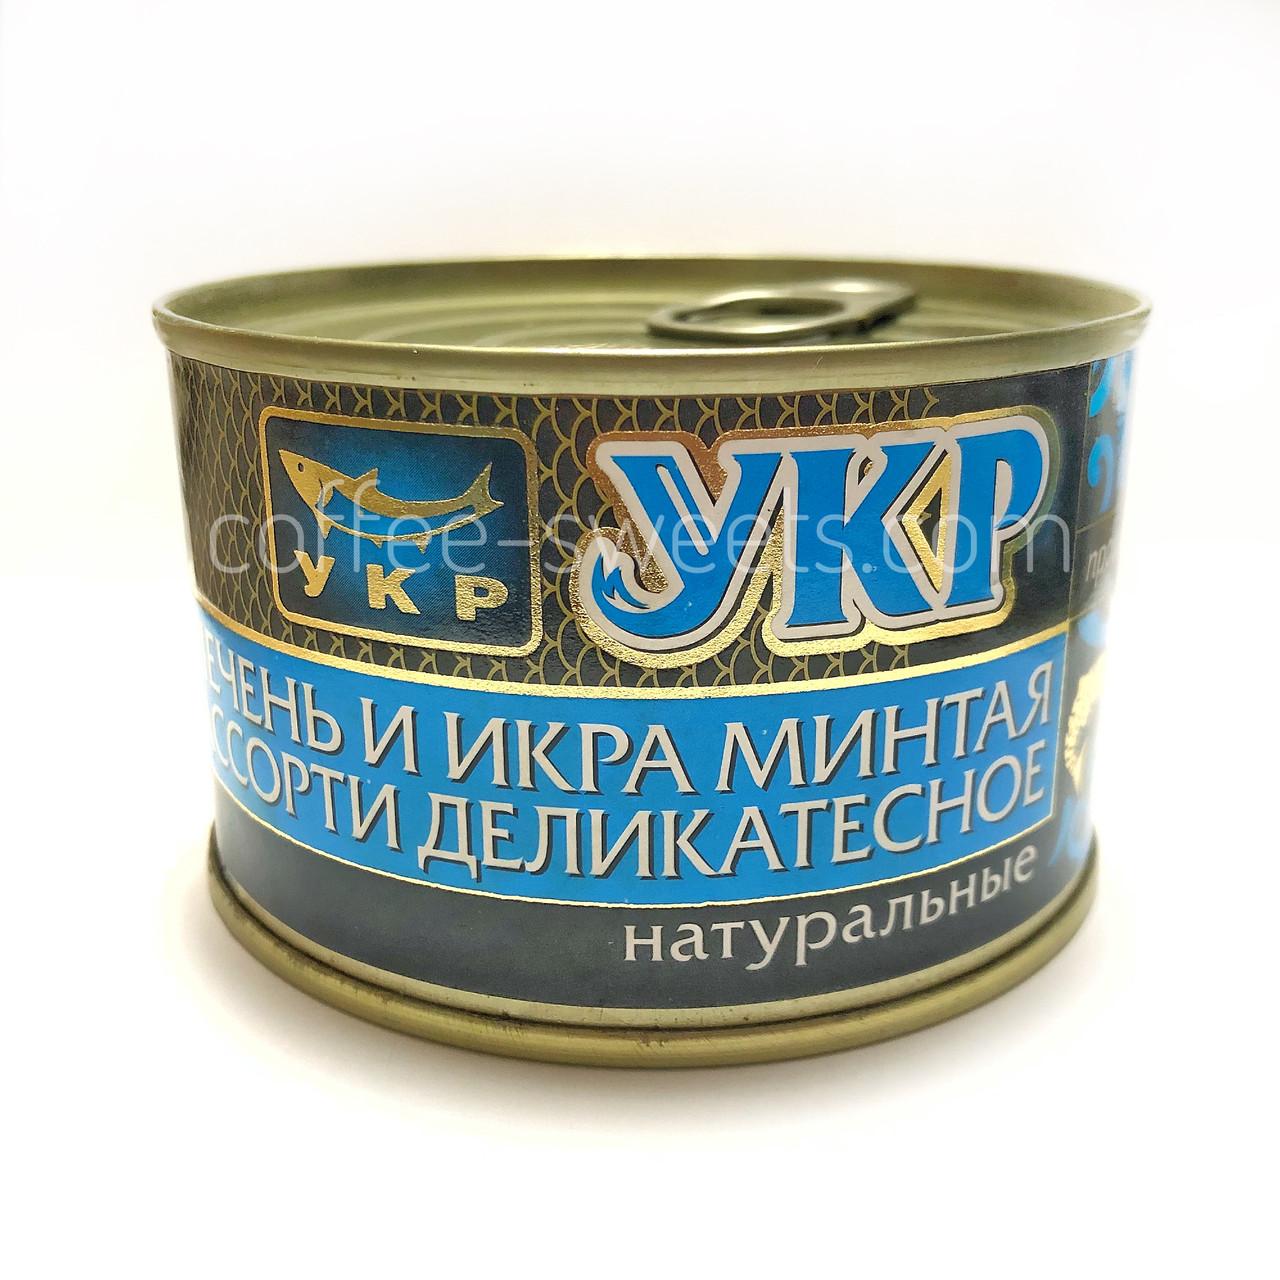 Печень и икра минтая УКР паштетом ассорти деликатессное натуральные 227 гр